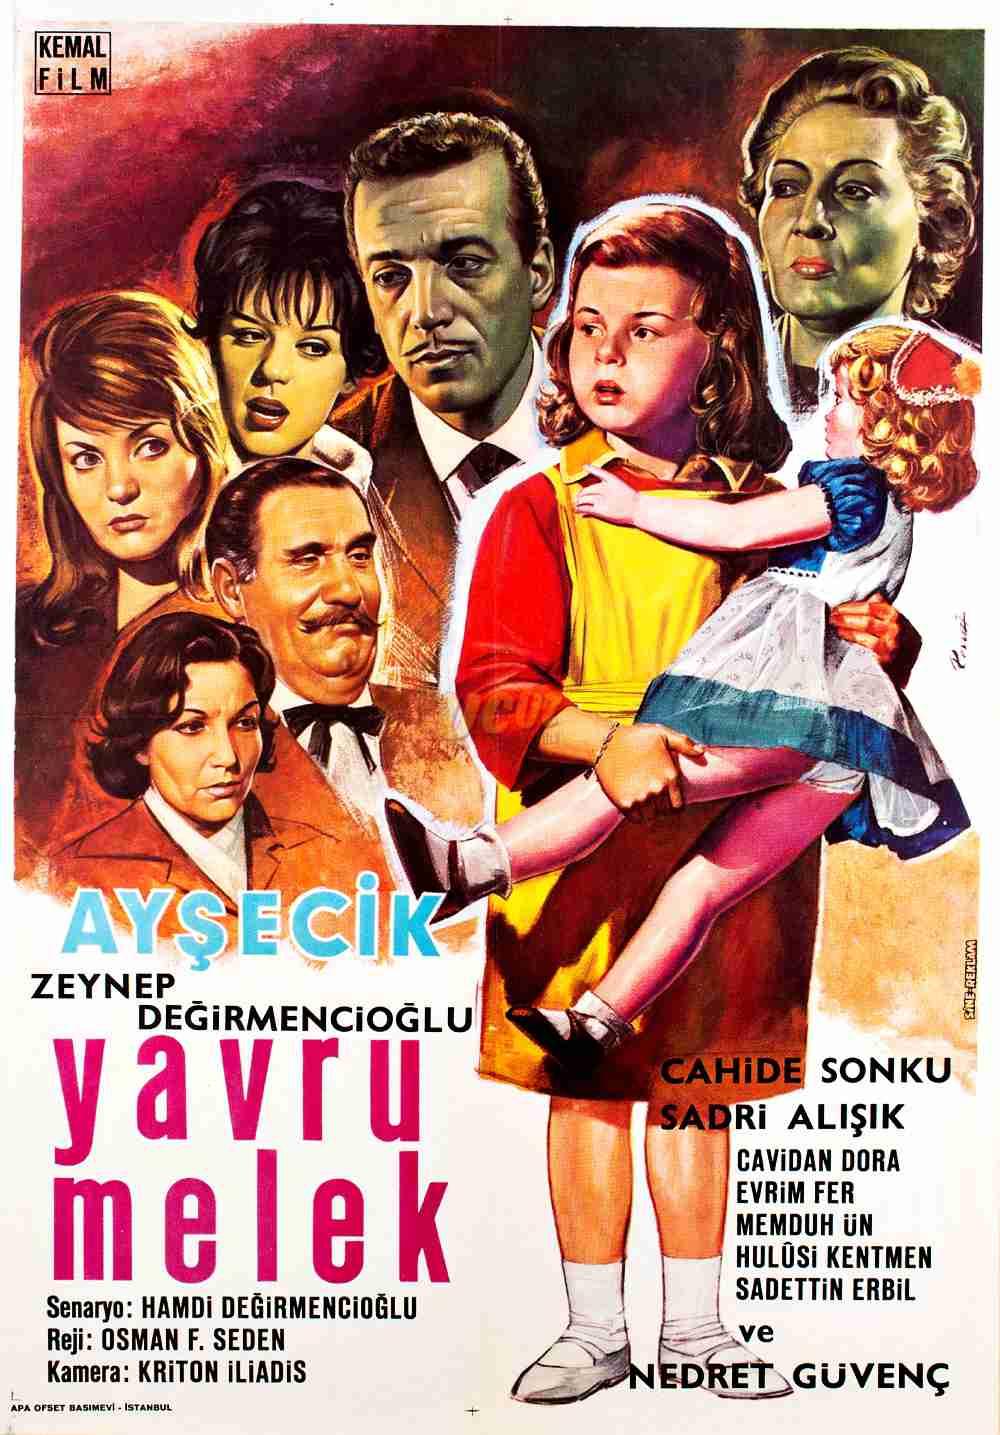 aysecik_yavru_melek_1962-5